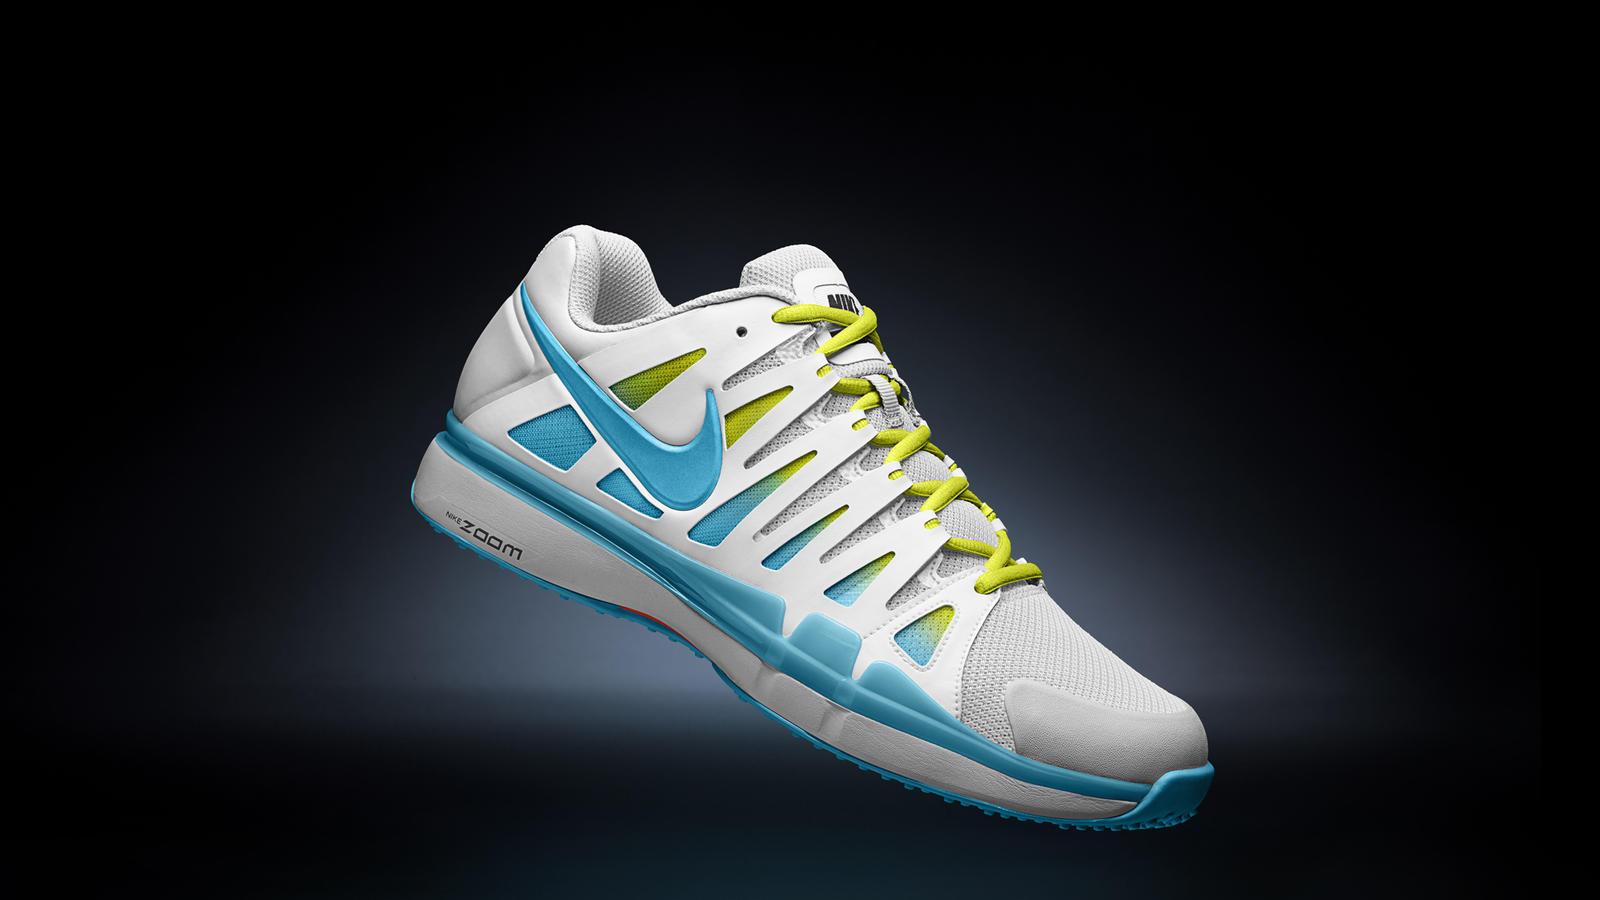 Nike Zoom Vapor 9 Tour now available on NIKEiD Nike News